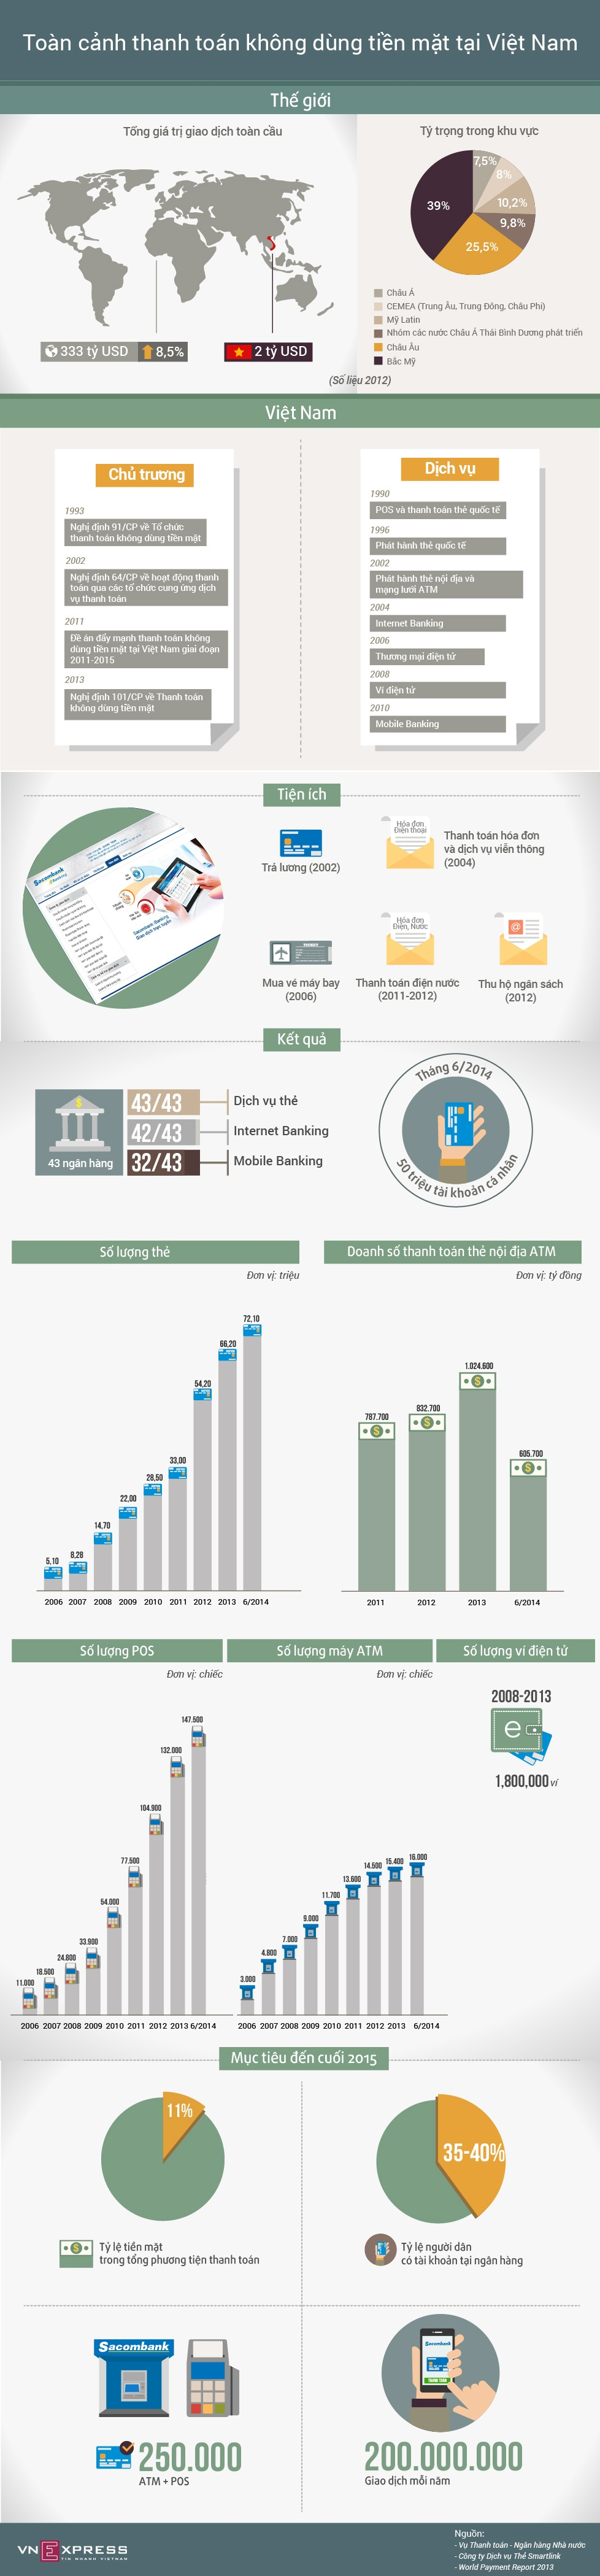 Infographic - Xu Hướng Thanh Toán Online